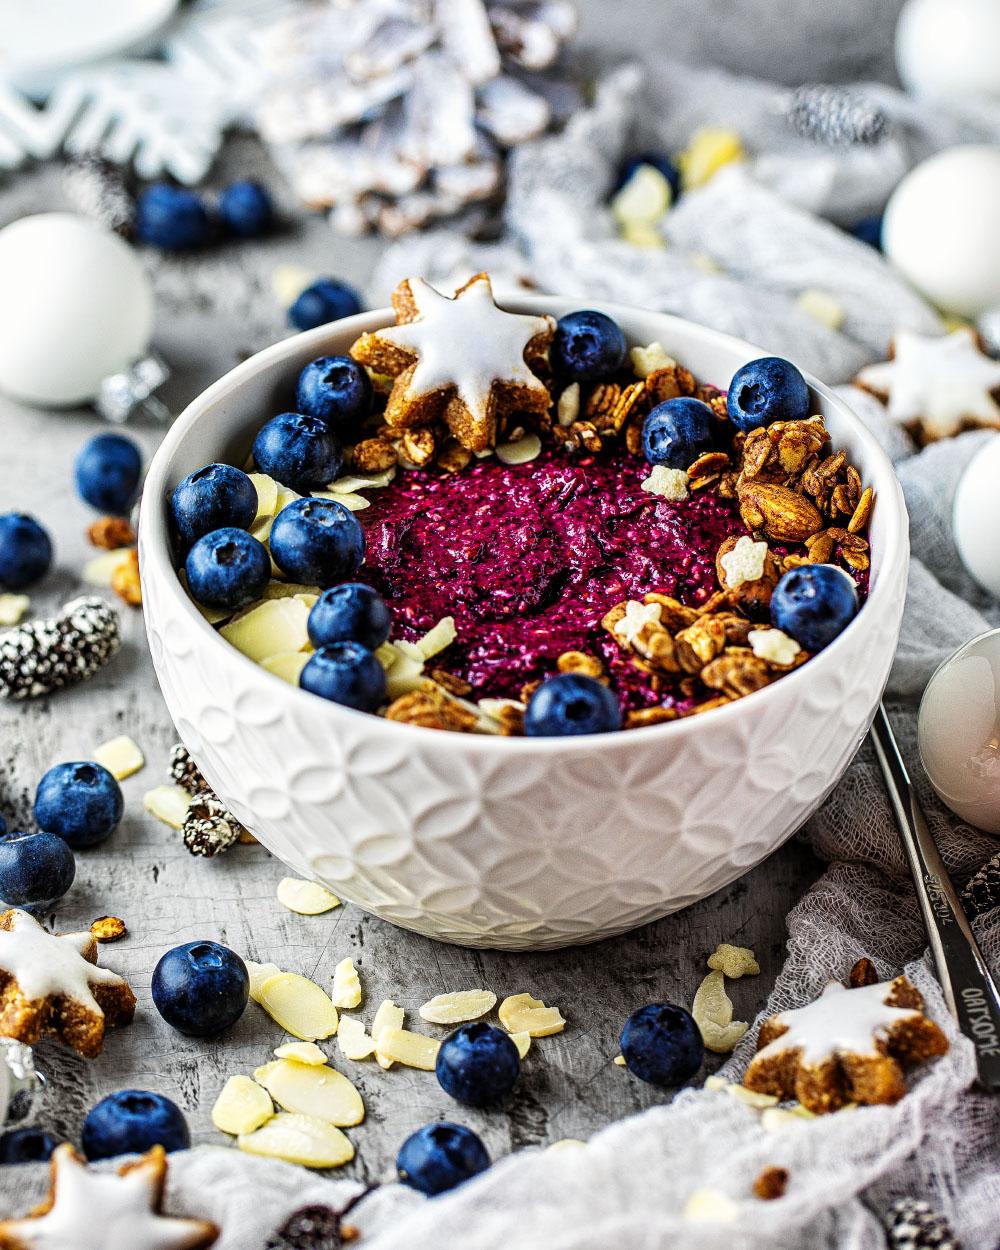 Weihnachtsmarkt-Bowl mit Oatsome Smoothiebowl Käptn Blaubär und Topping einfaches rezept